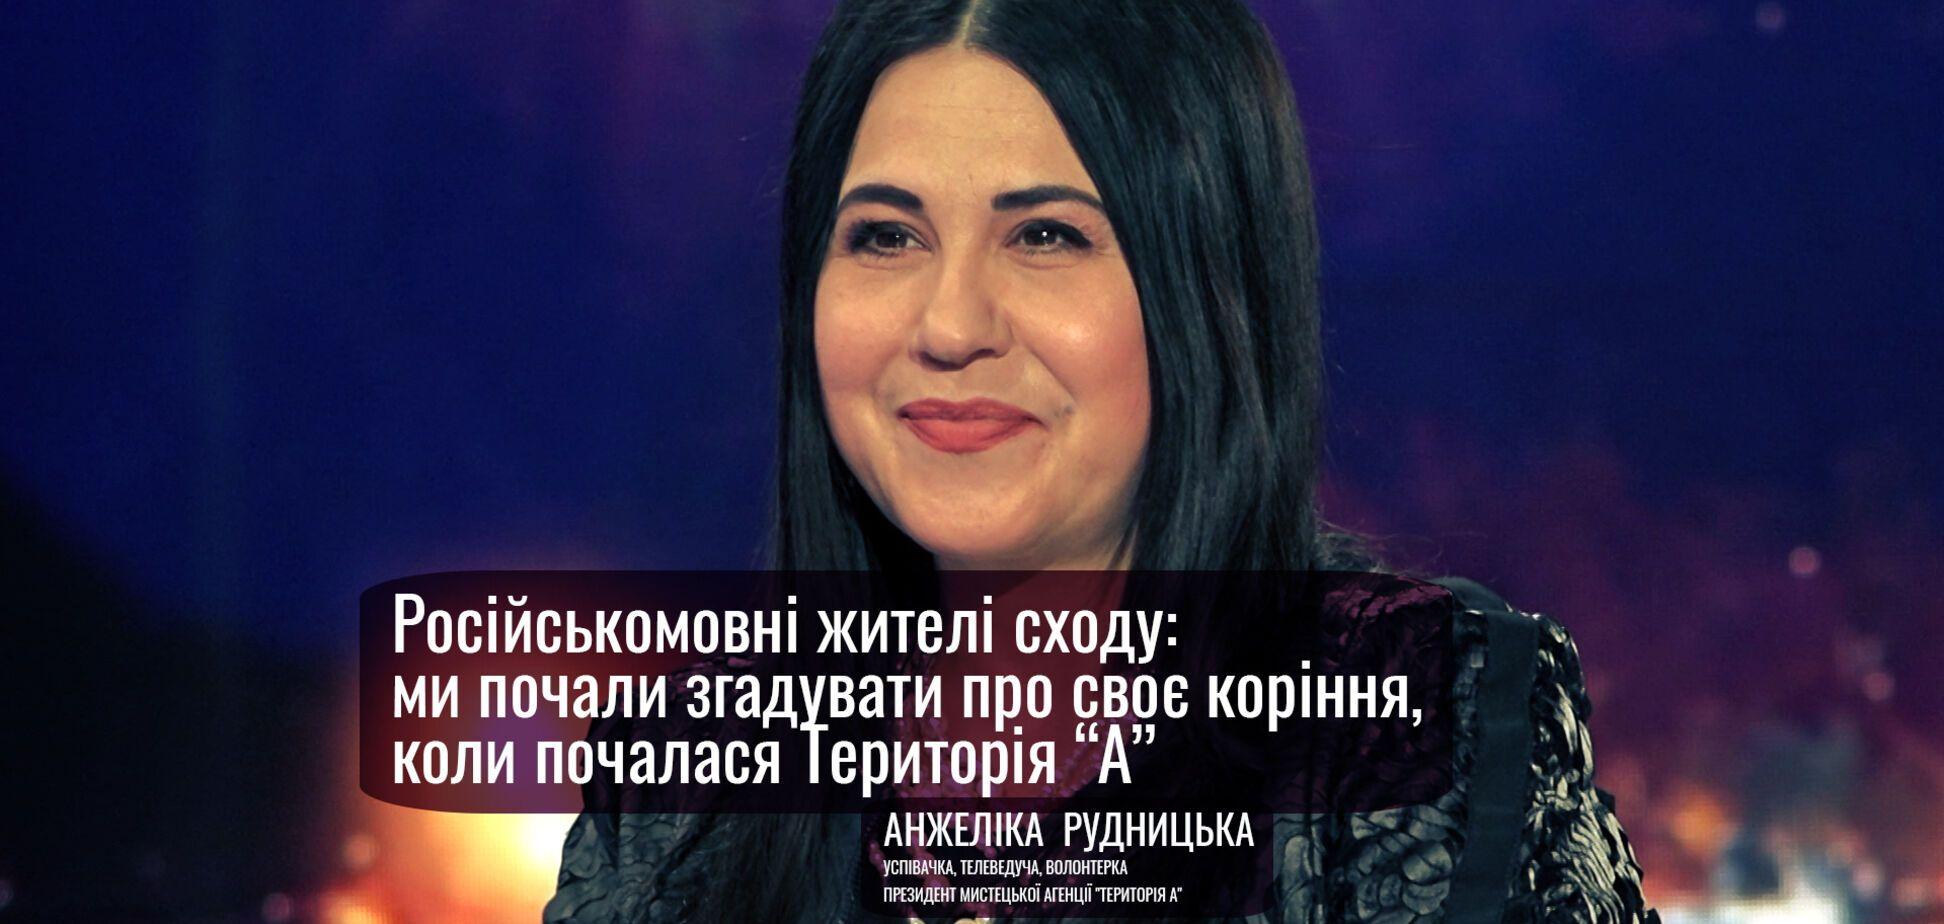 Про перший український хіт-парад, відданість мистецтву та справжній Схід України